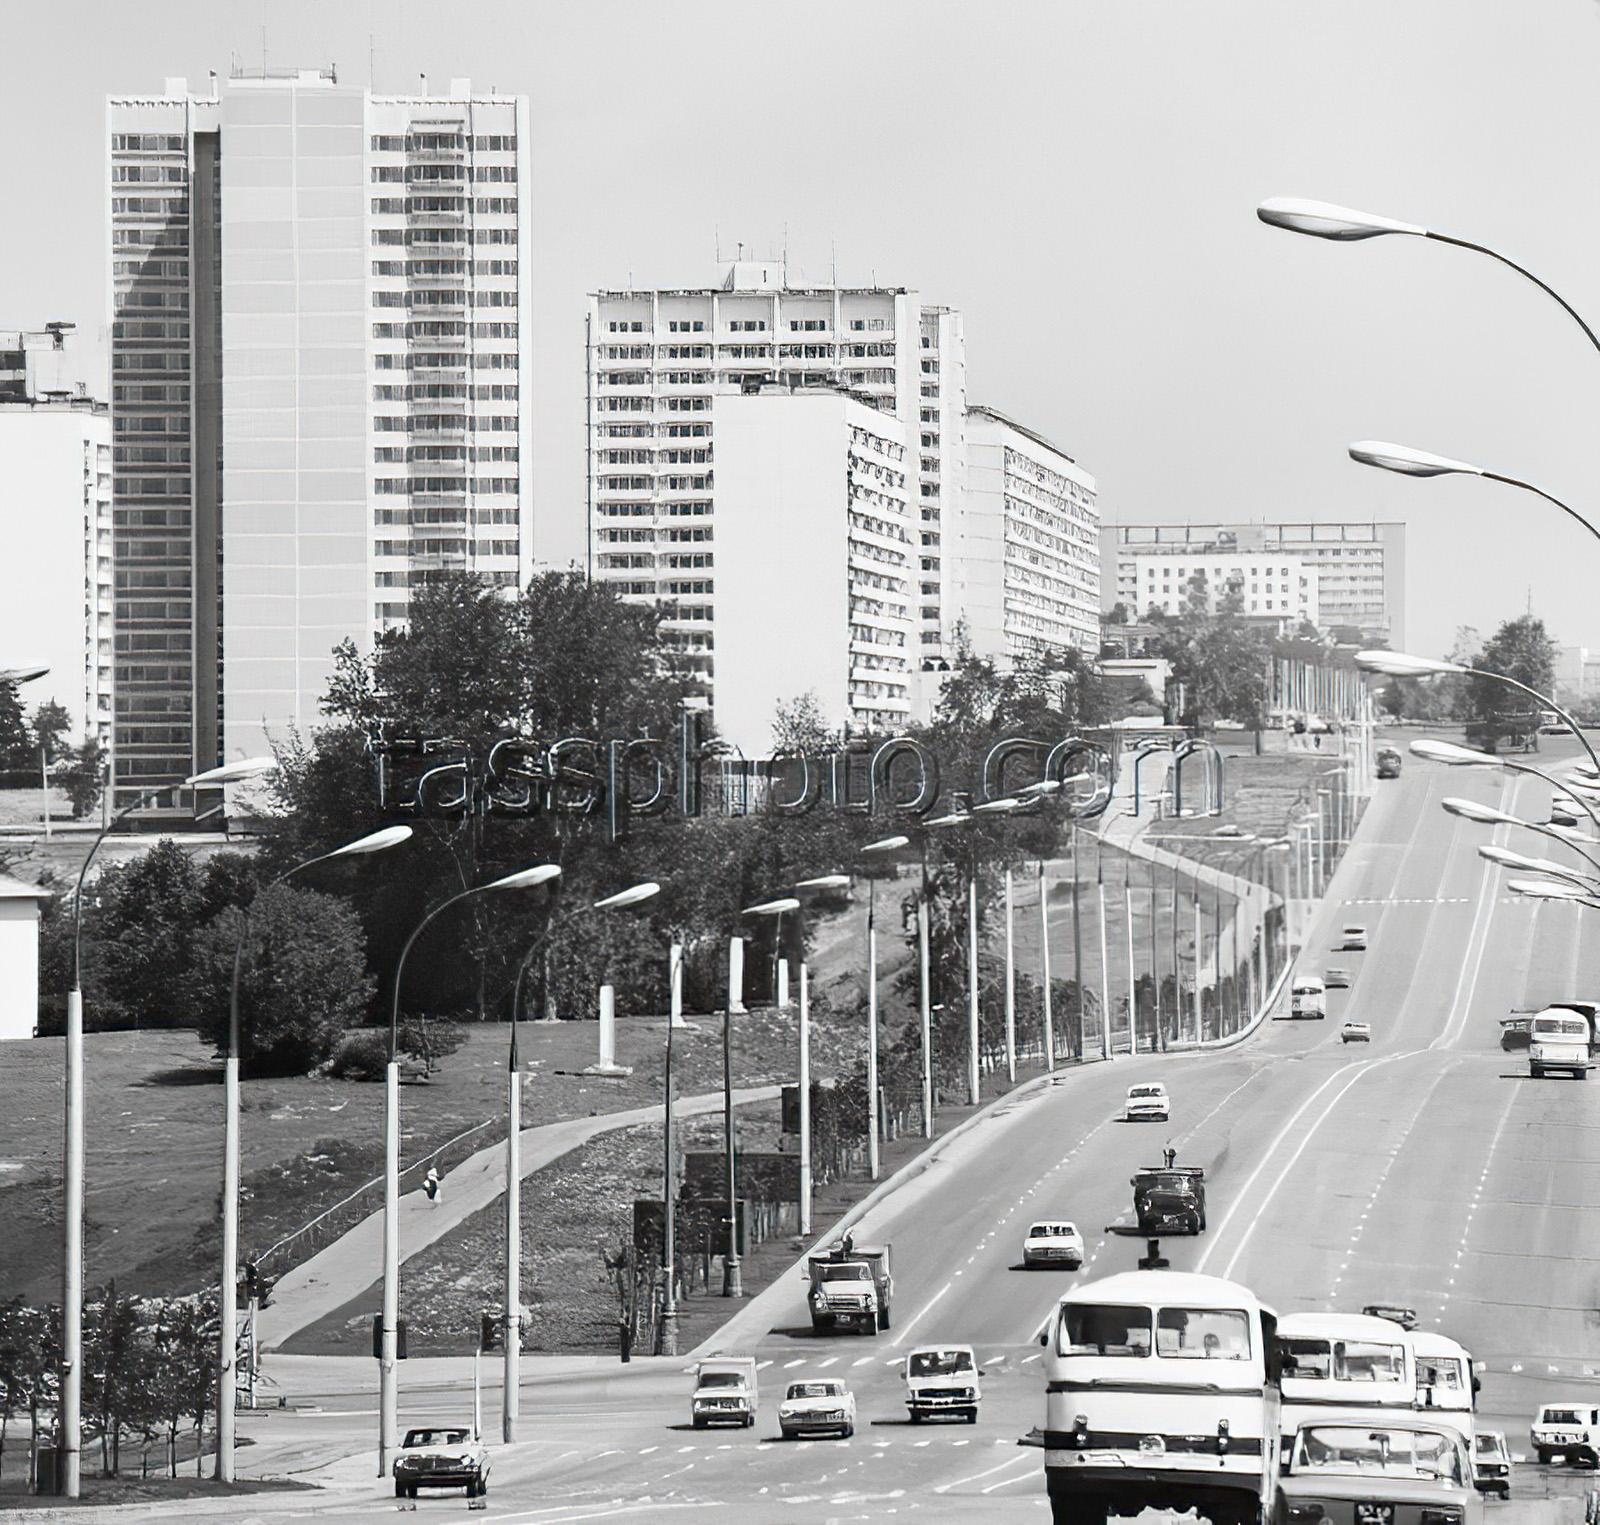 1980 г. Мичуринский проспект - главная магистраль, ведущая в Олимпийскую деревню. Кошевой Виктор_cmpk